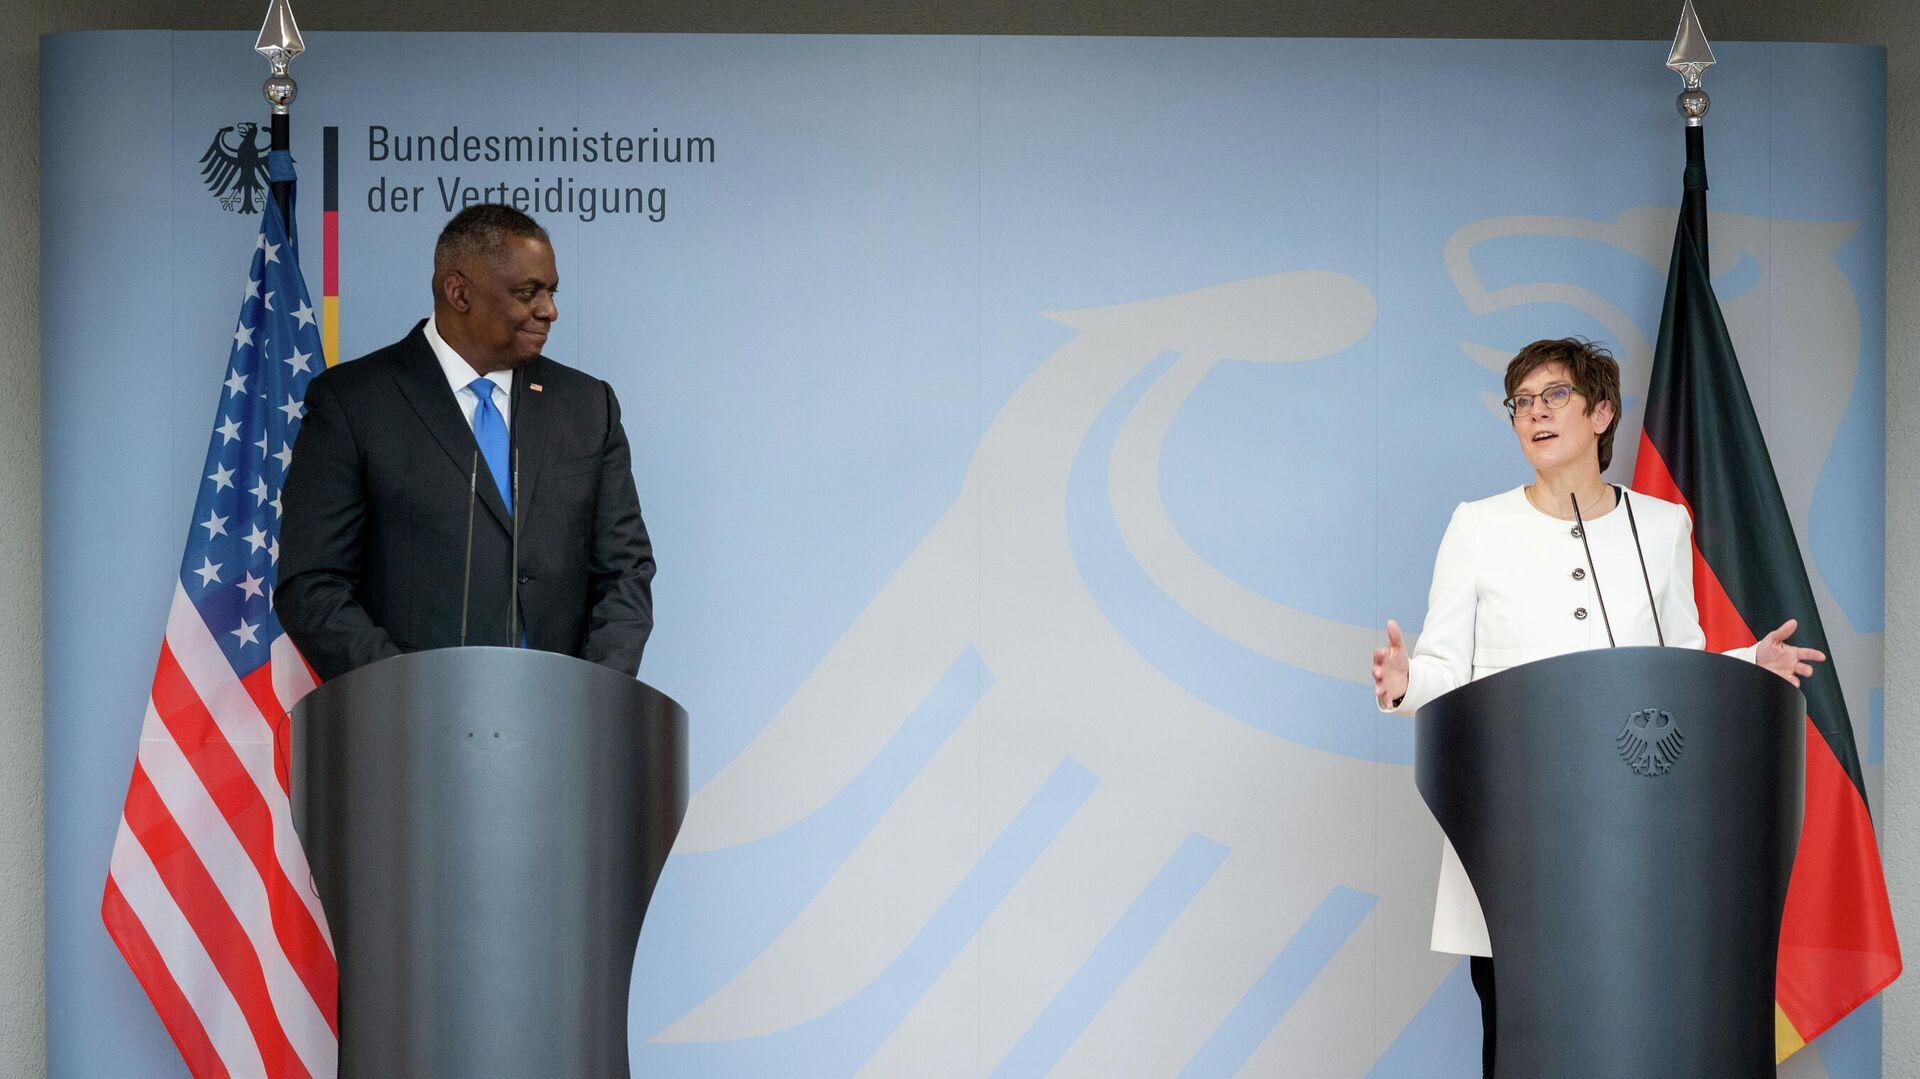 Главой Пентагона Ллойдом Остином и министр обороны Германии Аннегрет Крамп-Карренбауэр на пресс-конференции в Министерстве обороны Германии в Берлине. 13 апреля 2021 года - РИА Новости, 1920, 21.04.2021